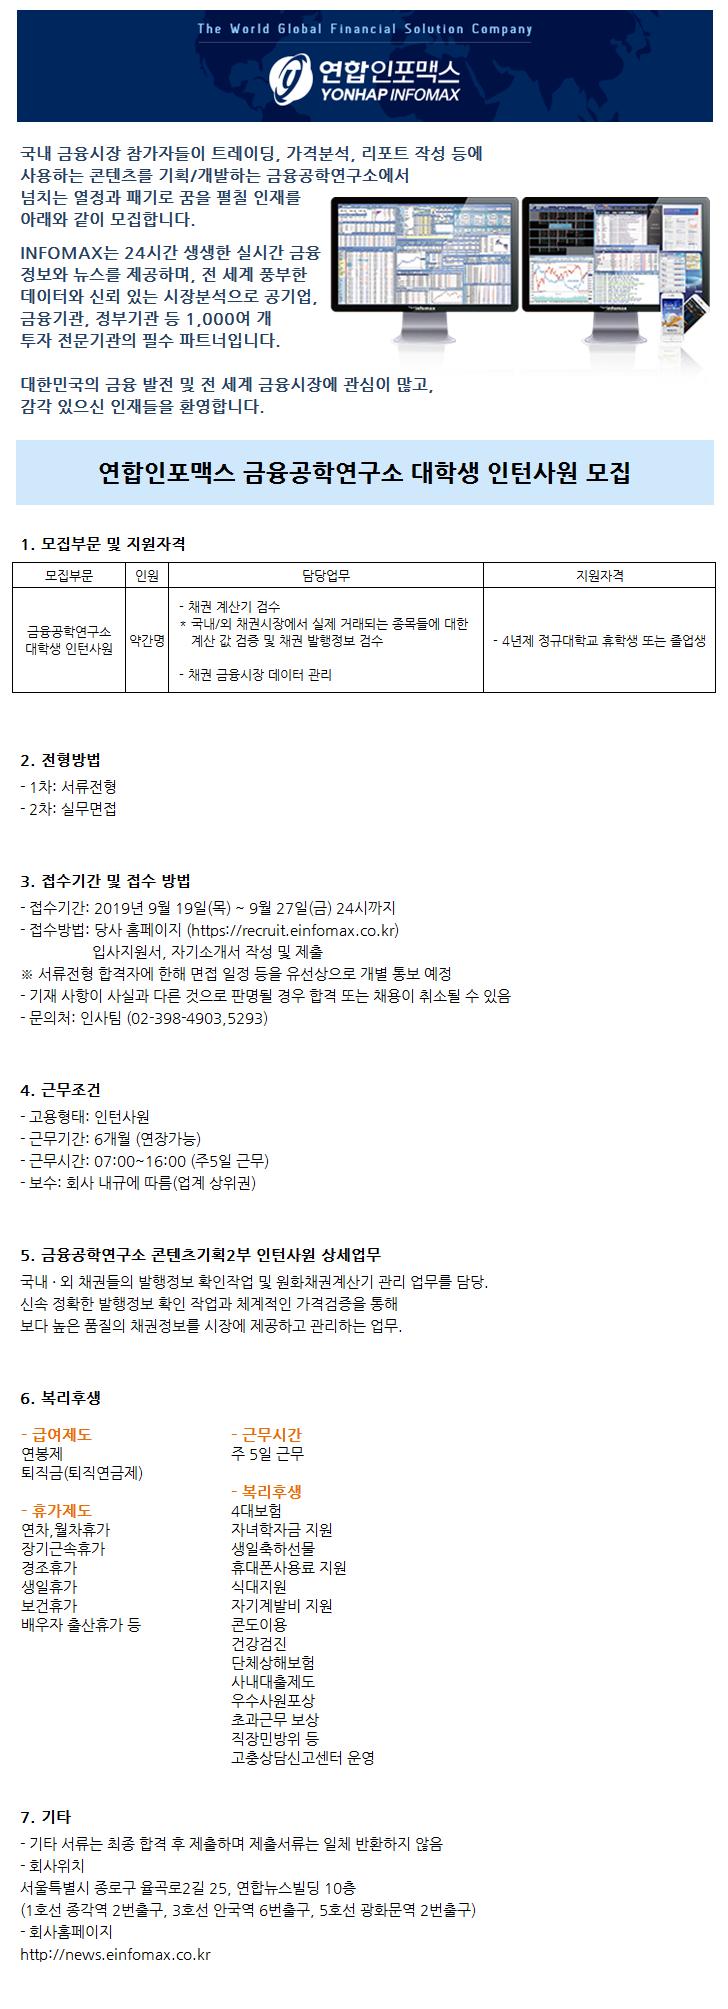 [연합인포맥스] 금융공학연구소 대학생 인턴사원 채용 (~9/27)